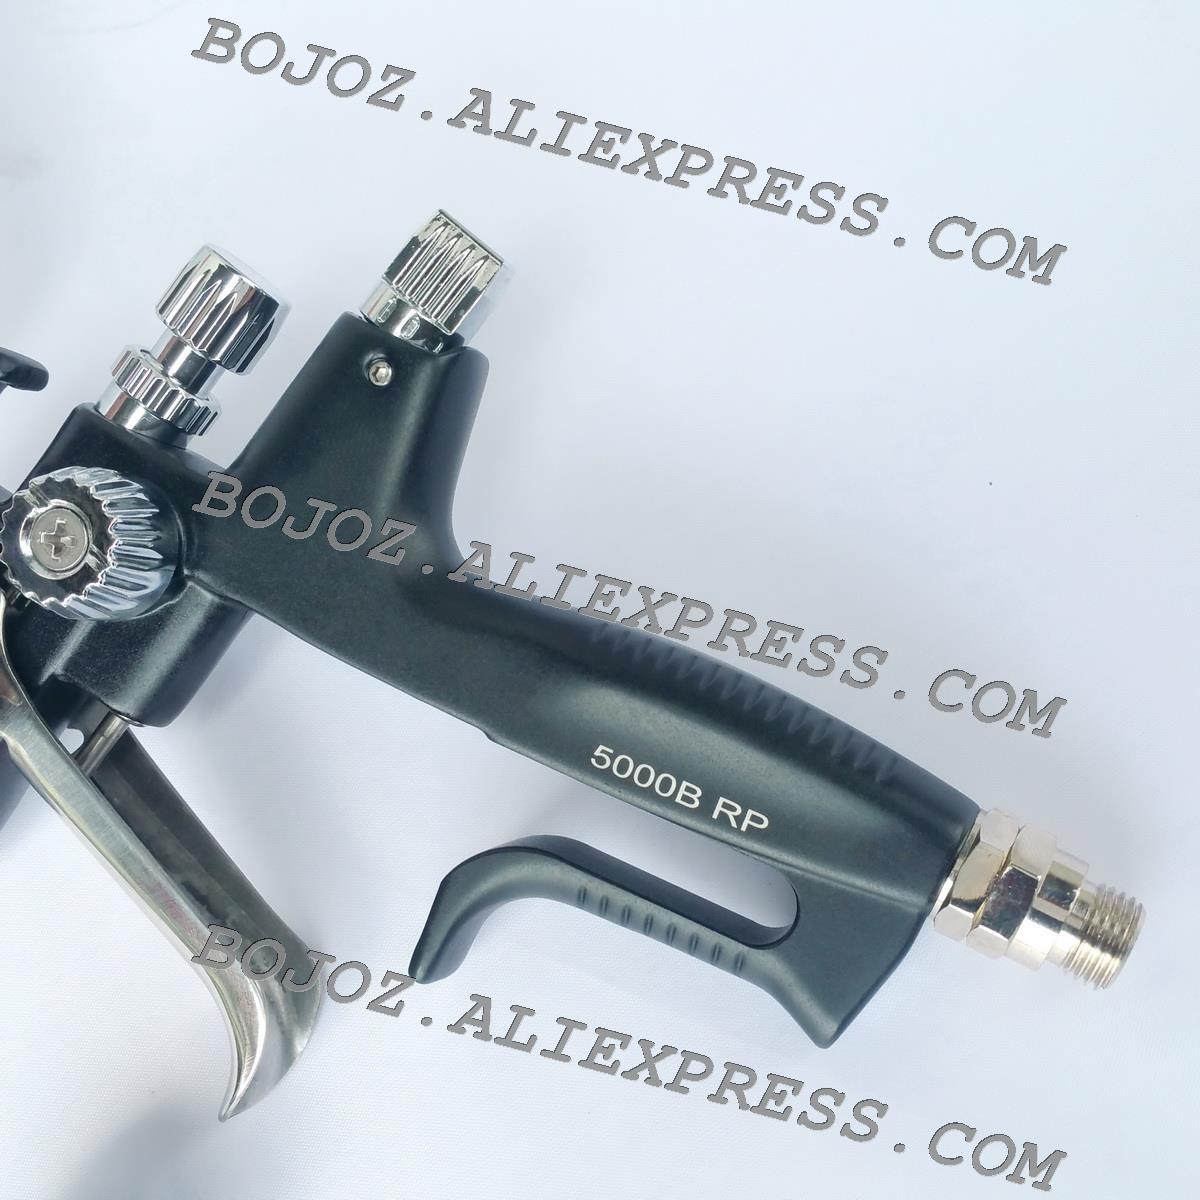 Edição limitada do Porsche Design PRETO B Pistola RP-1.3 Bico w/t copo para o Corpo Do Carro, pintado Pulverizador de Alta Eficiência